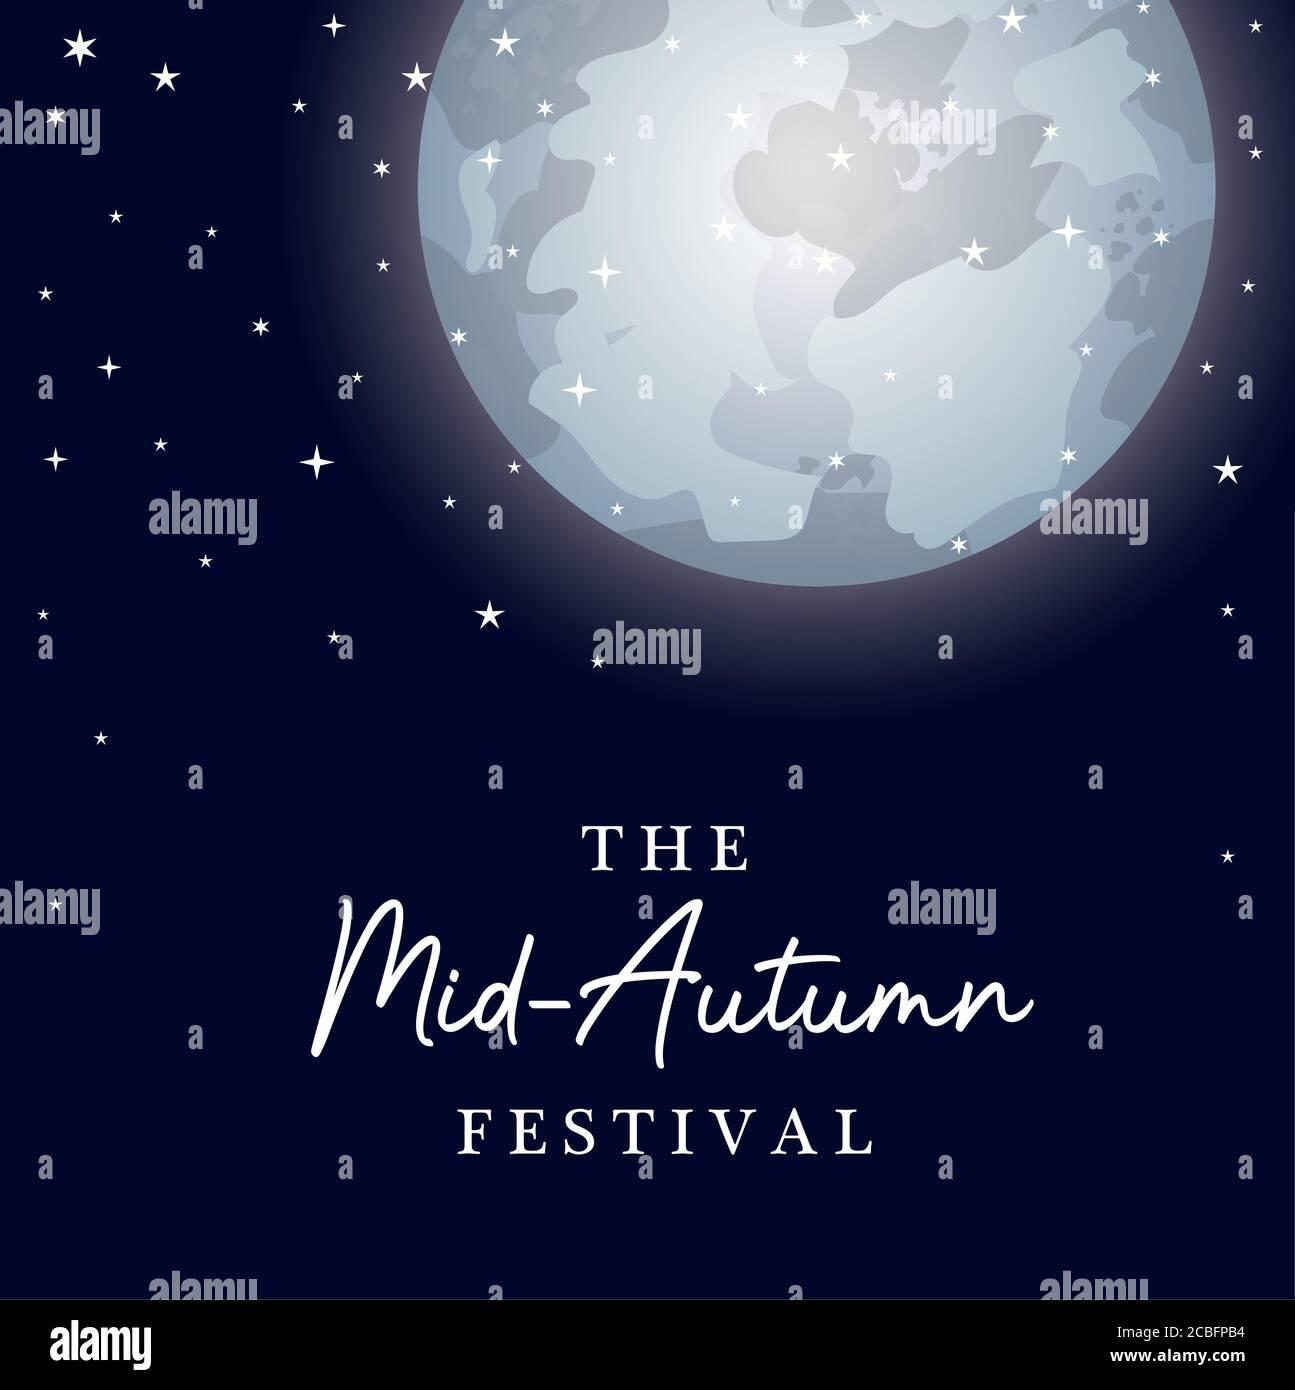 Fiesta de la luna de la cosecha de mediados de otoño con diseño de estrellas, chino oriental y tema de la celebración ilustración vectorial Ilustración del Vector